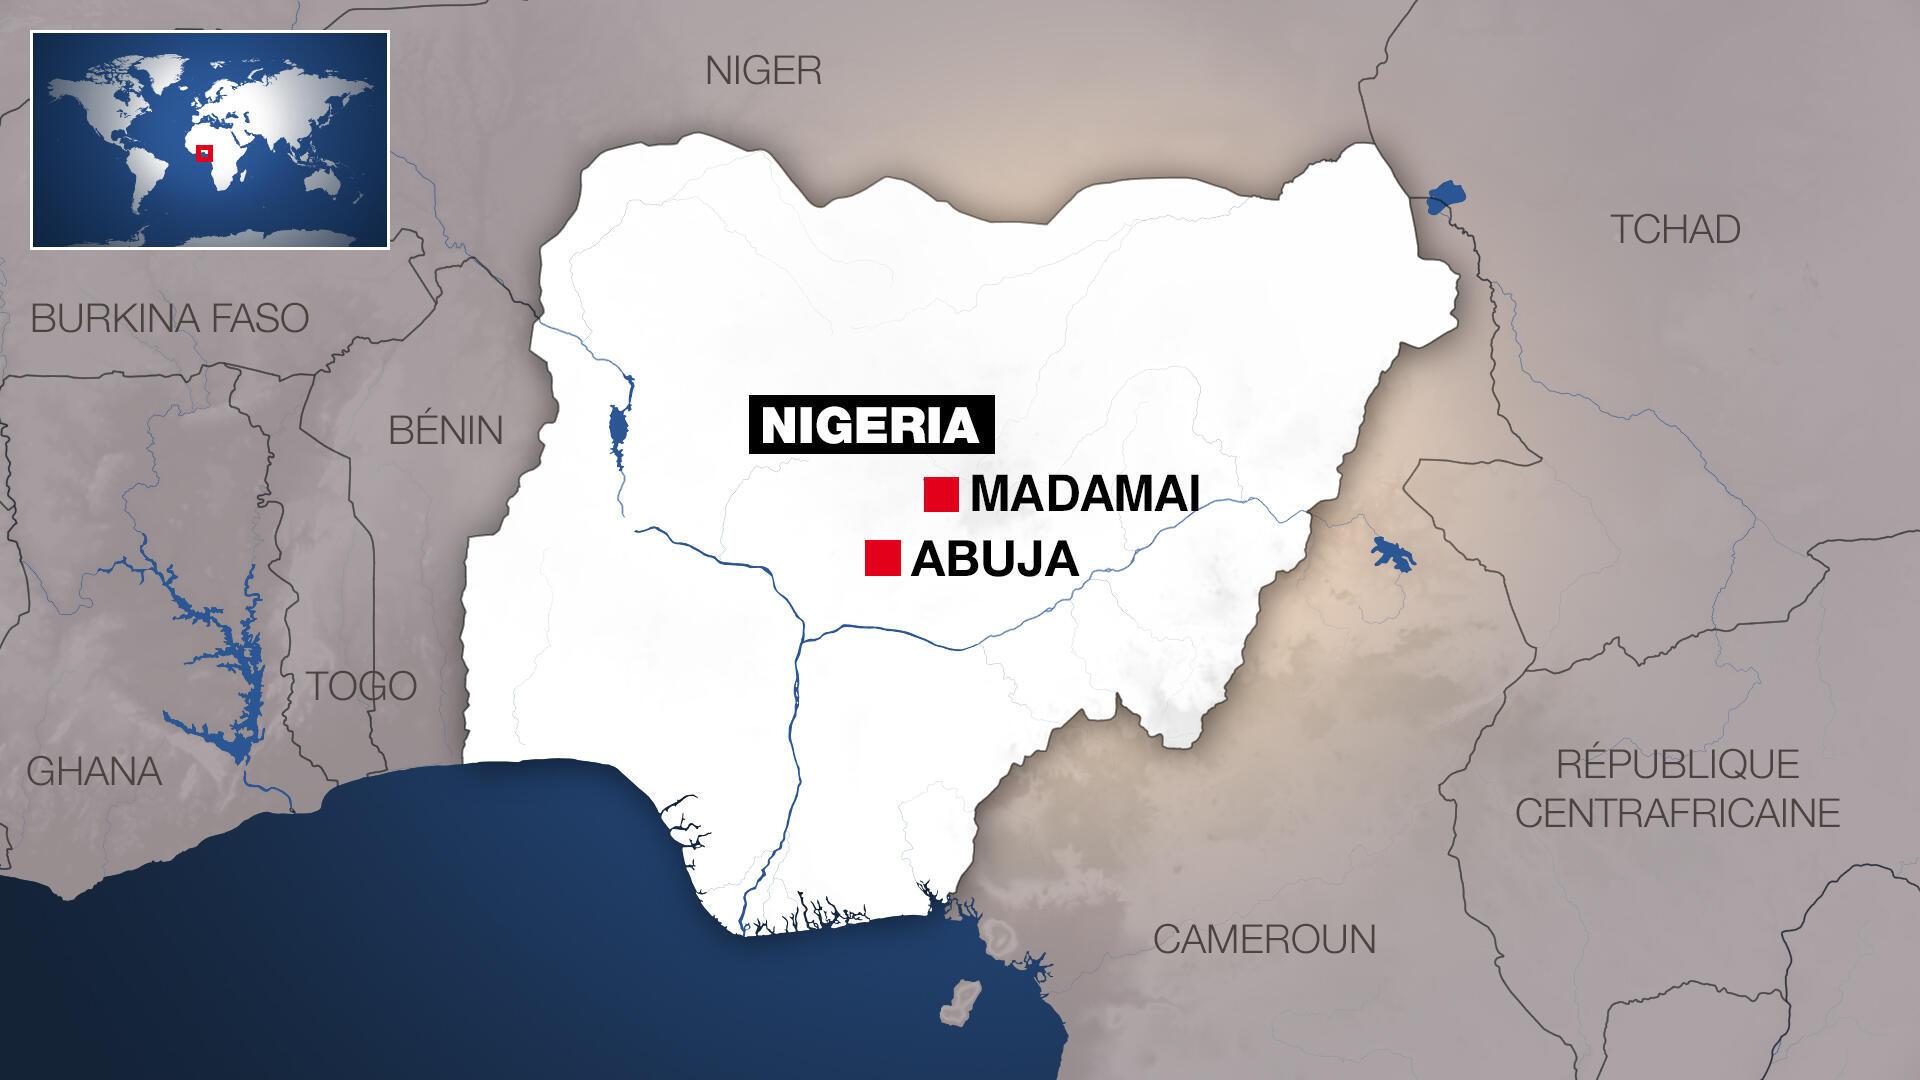 Nigeria - Madamai